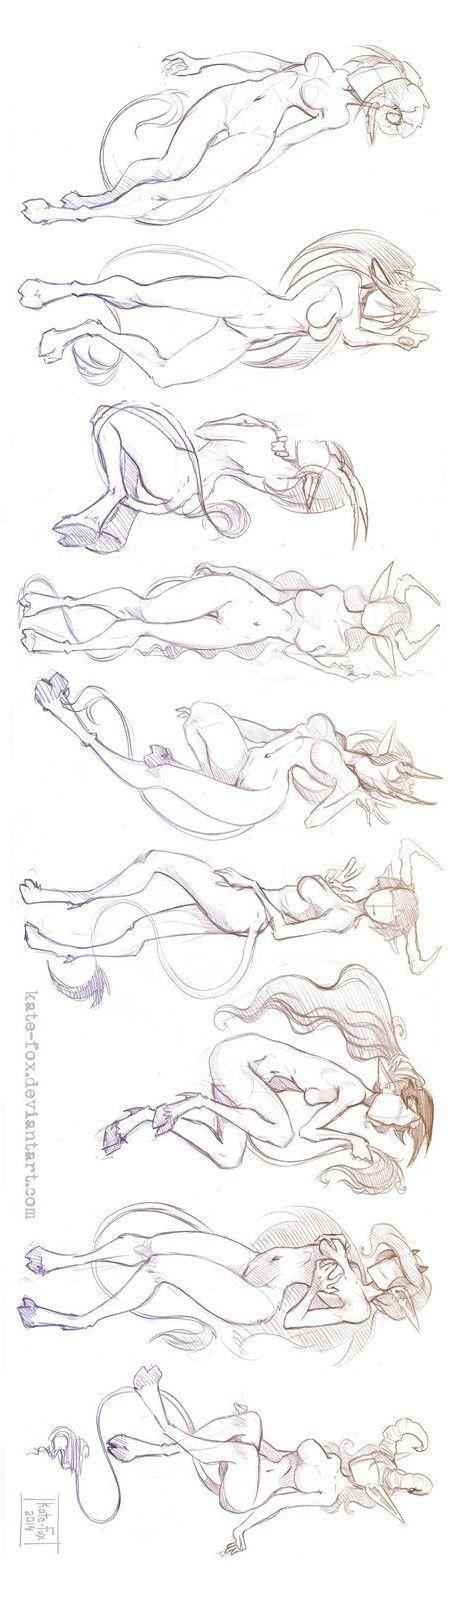 Lsnowman采集到人体/雕塑(411图)_花瓣游戏